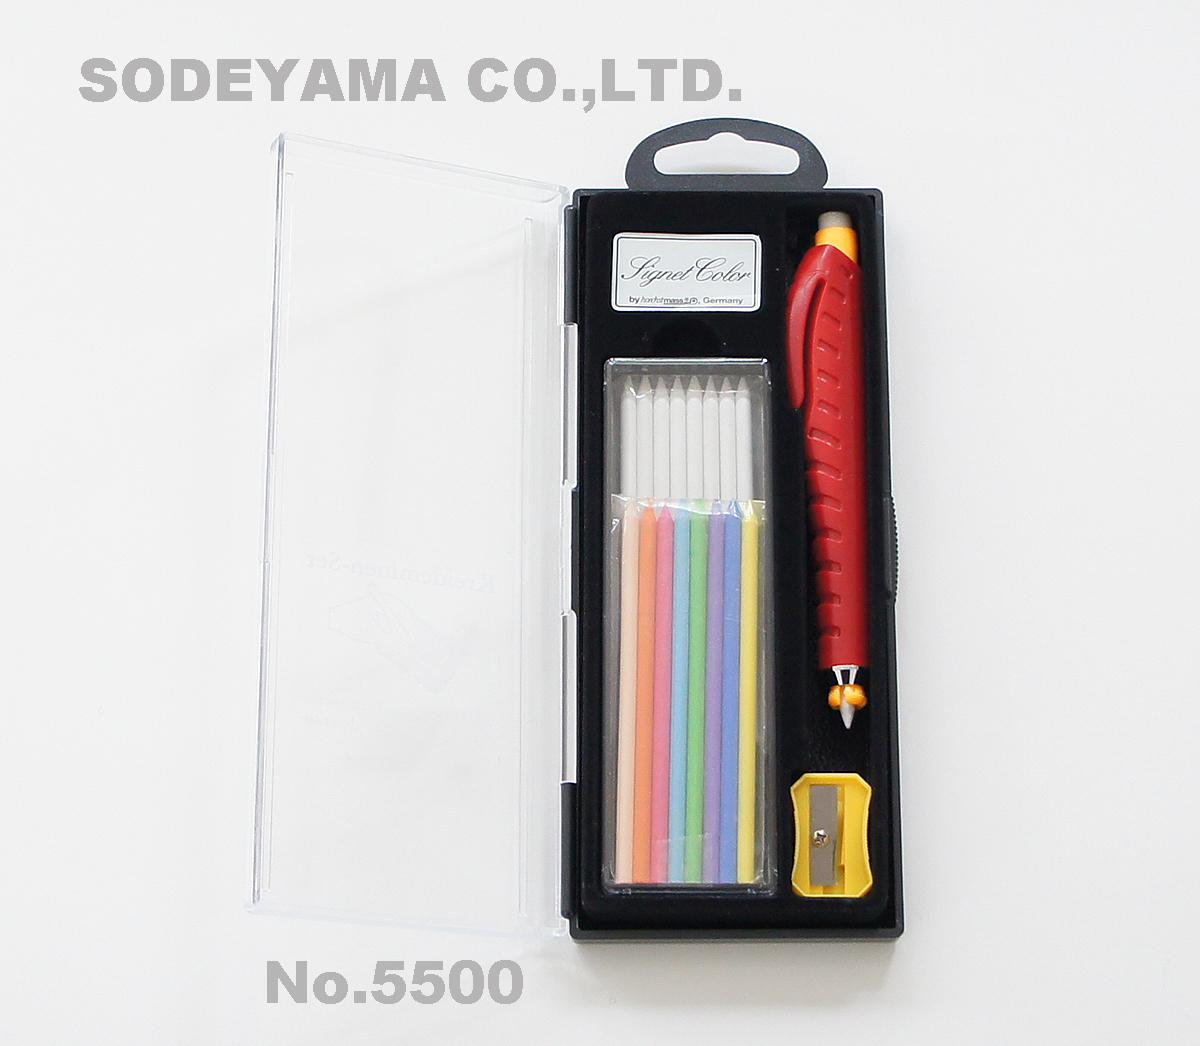 5500 チャコペルシャーペン式白/9本(本体分含む)黄・青・紫・緑・空・桃・橙・肌/各色1本本体寸法長さ125mm